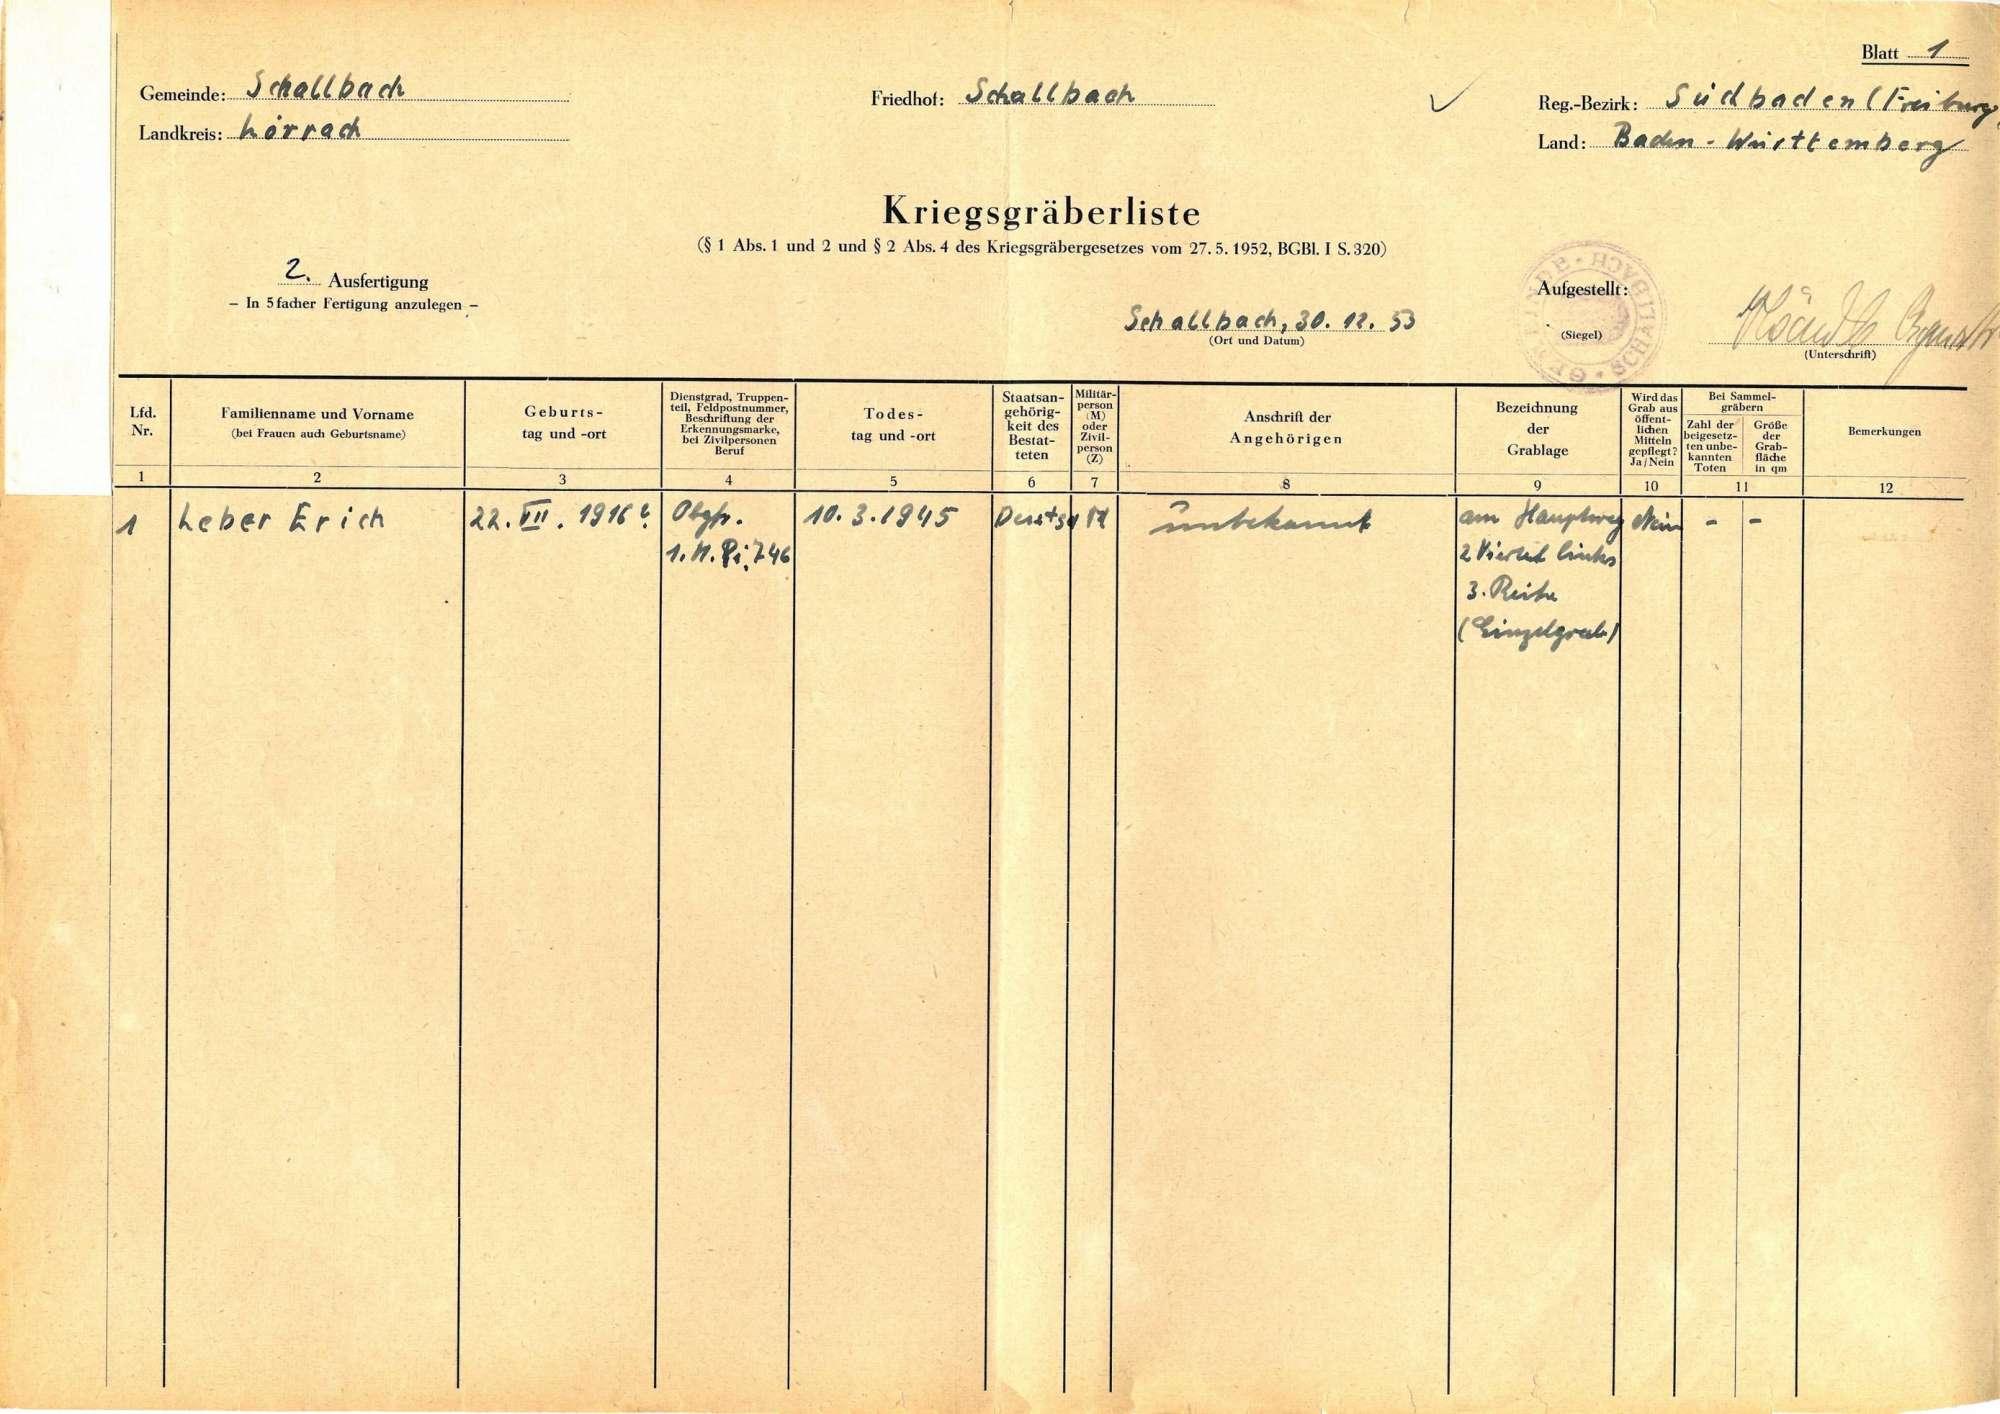 Schallbach, Bild 1